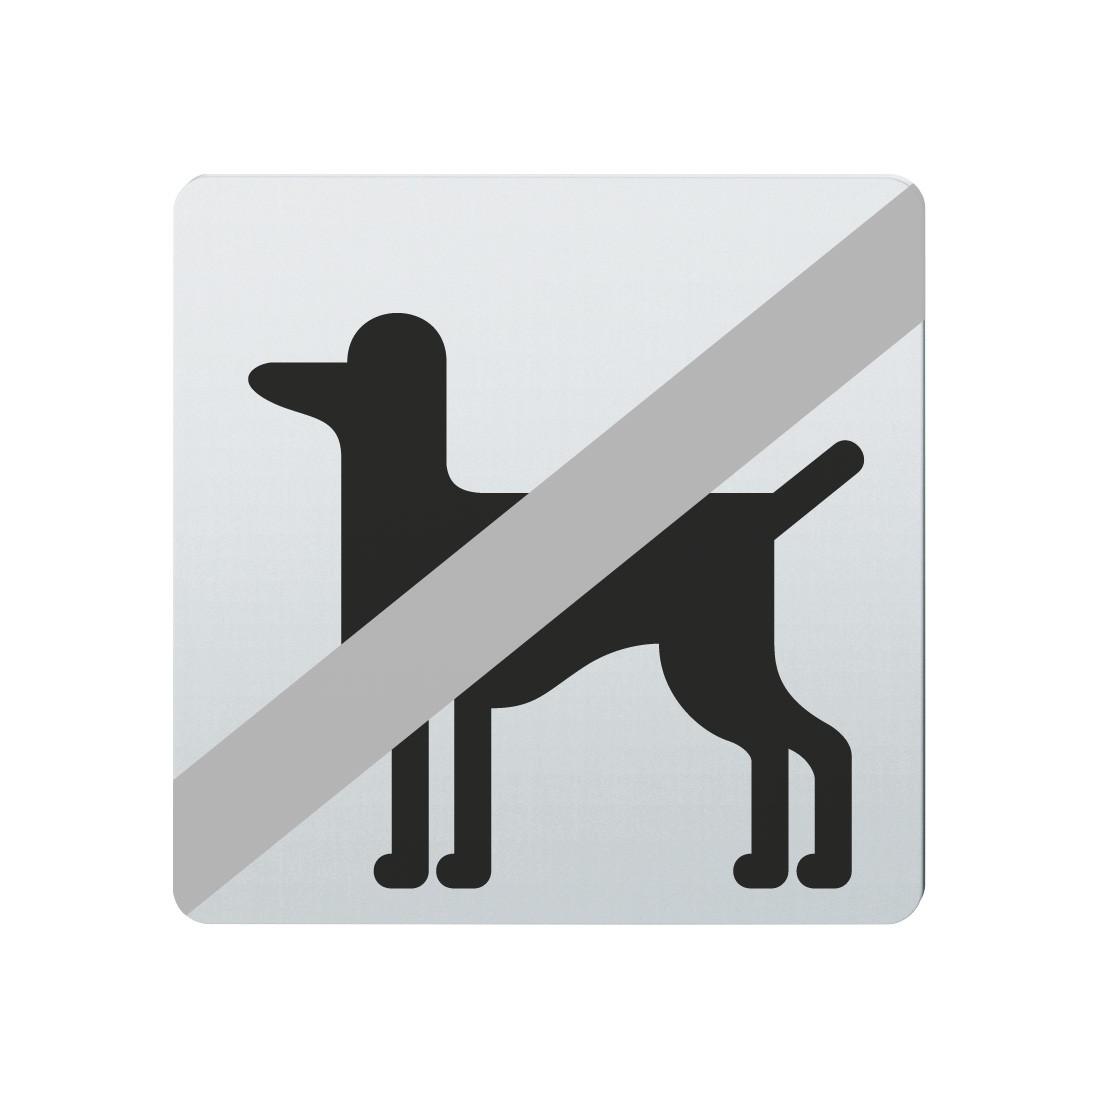 FSB Hinweiszeichen Tiere verboten Lasergraviert Edelstahl fein matt (0 36 4059 00031 6204)